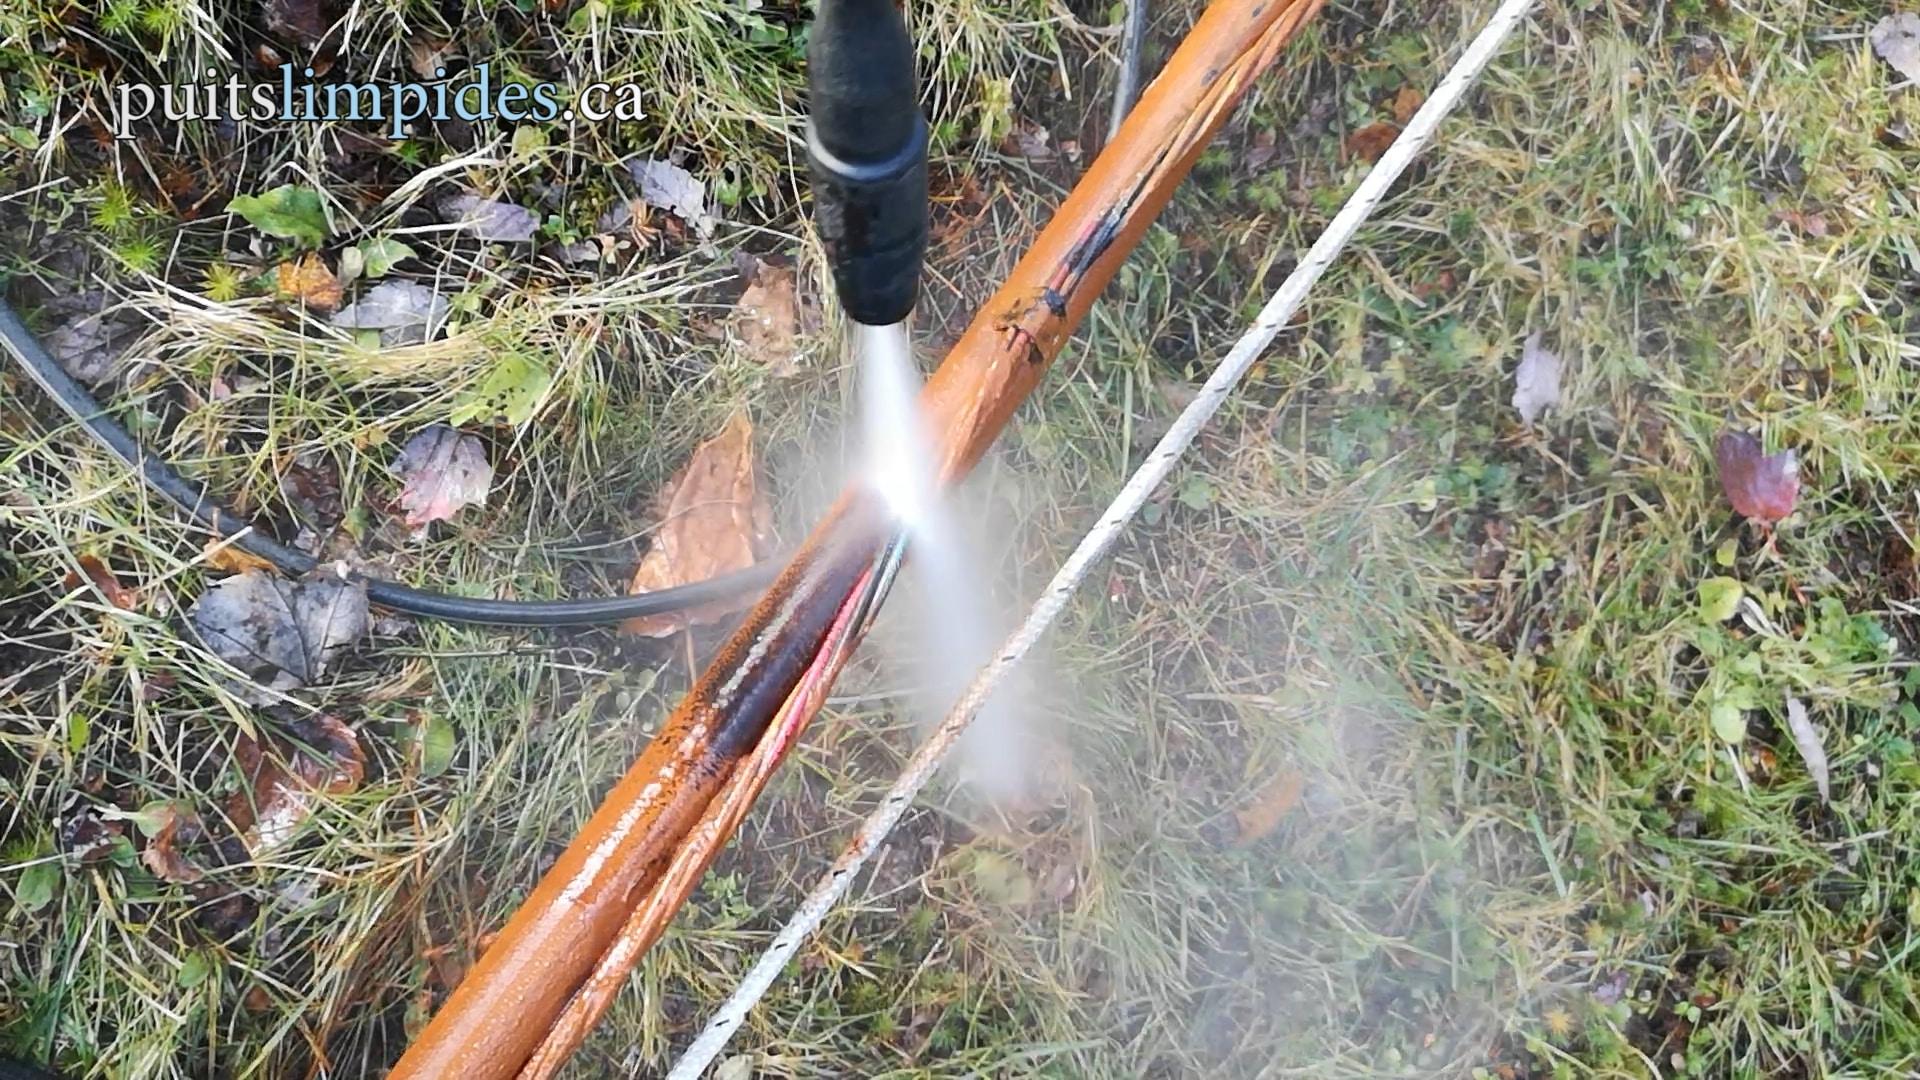 Toute la tuyauterie, les fils et la pompe sont sortis du puits artésien. Nous nettoyons minutieusement tous les équipements avec un jet d'eau à haute pression.